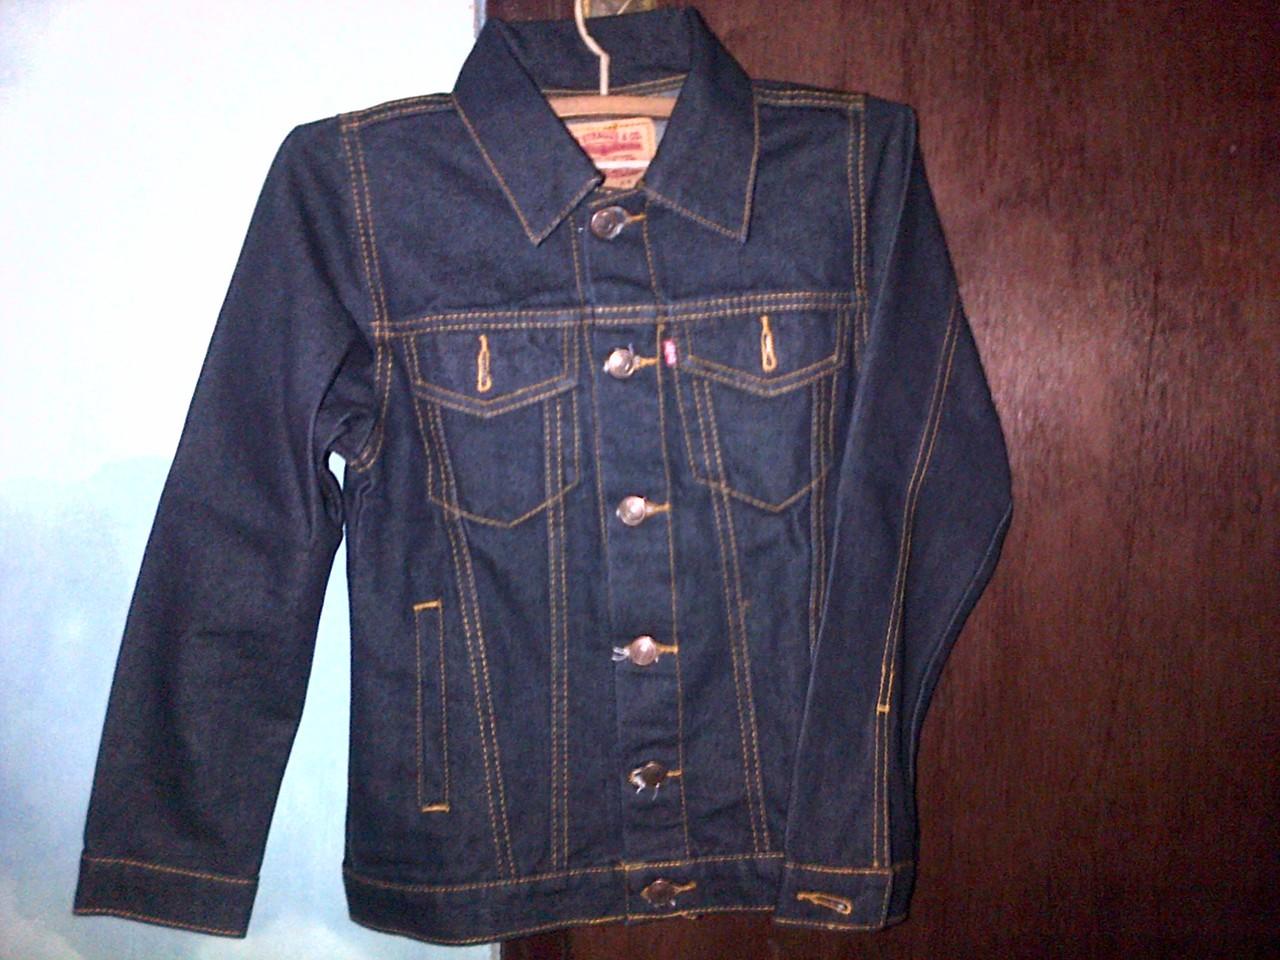 Jaket Rompi Denim Pria Levis Biru Muda Daftar Harga Terkini Dan Guten Inc Jeff Indigo Ace Of Spade Tua M Jual Jeans